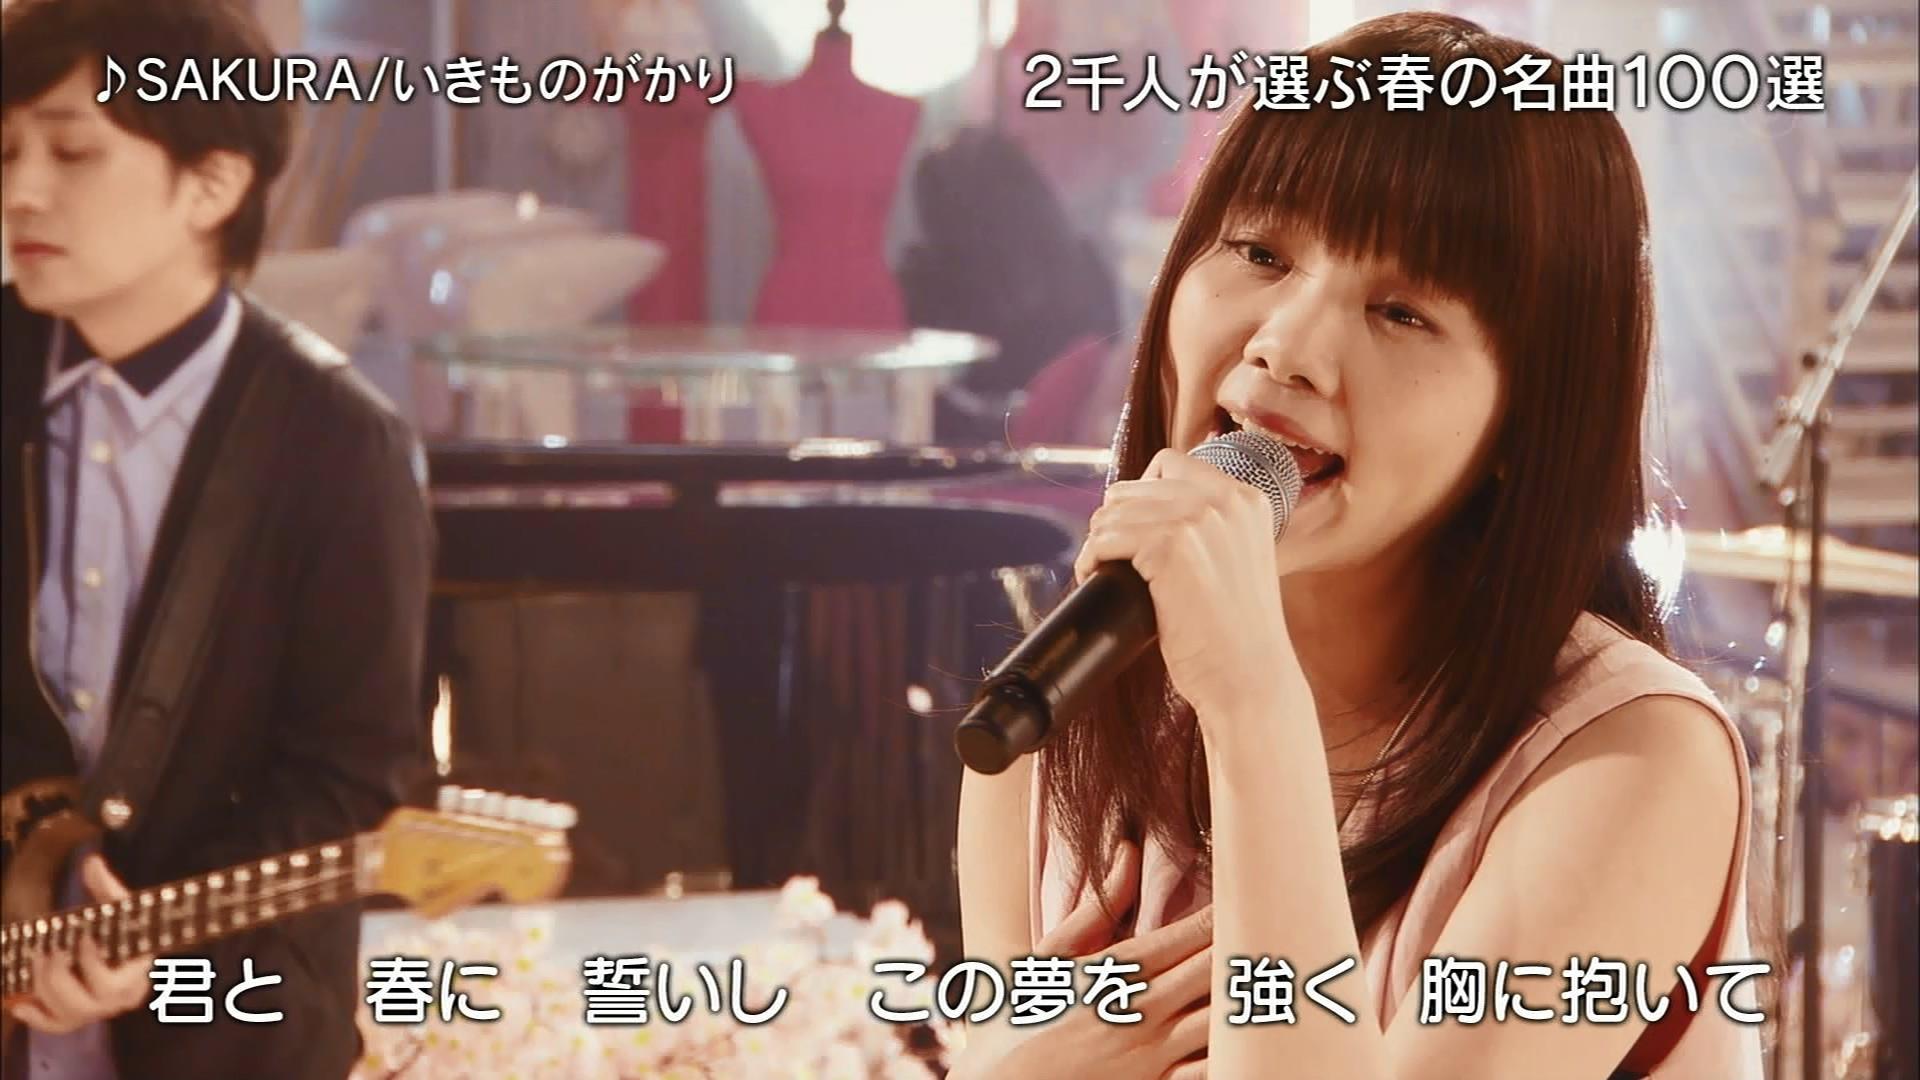 2016.03.28 全場(FNS歌謡祭(春) 2016).ts_20160328_210524.736